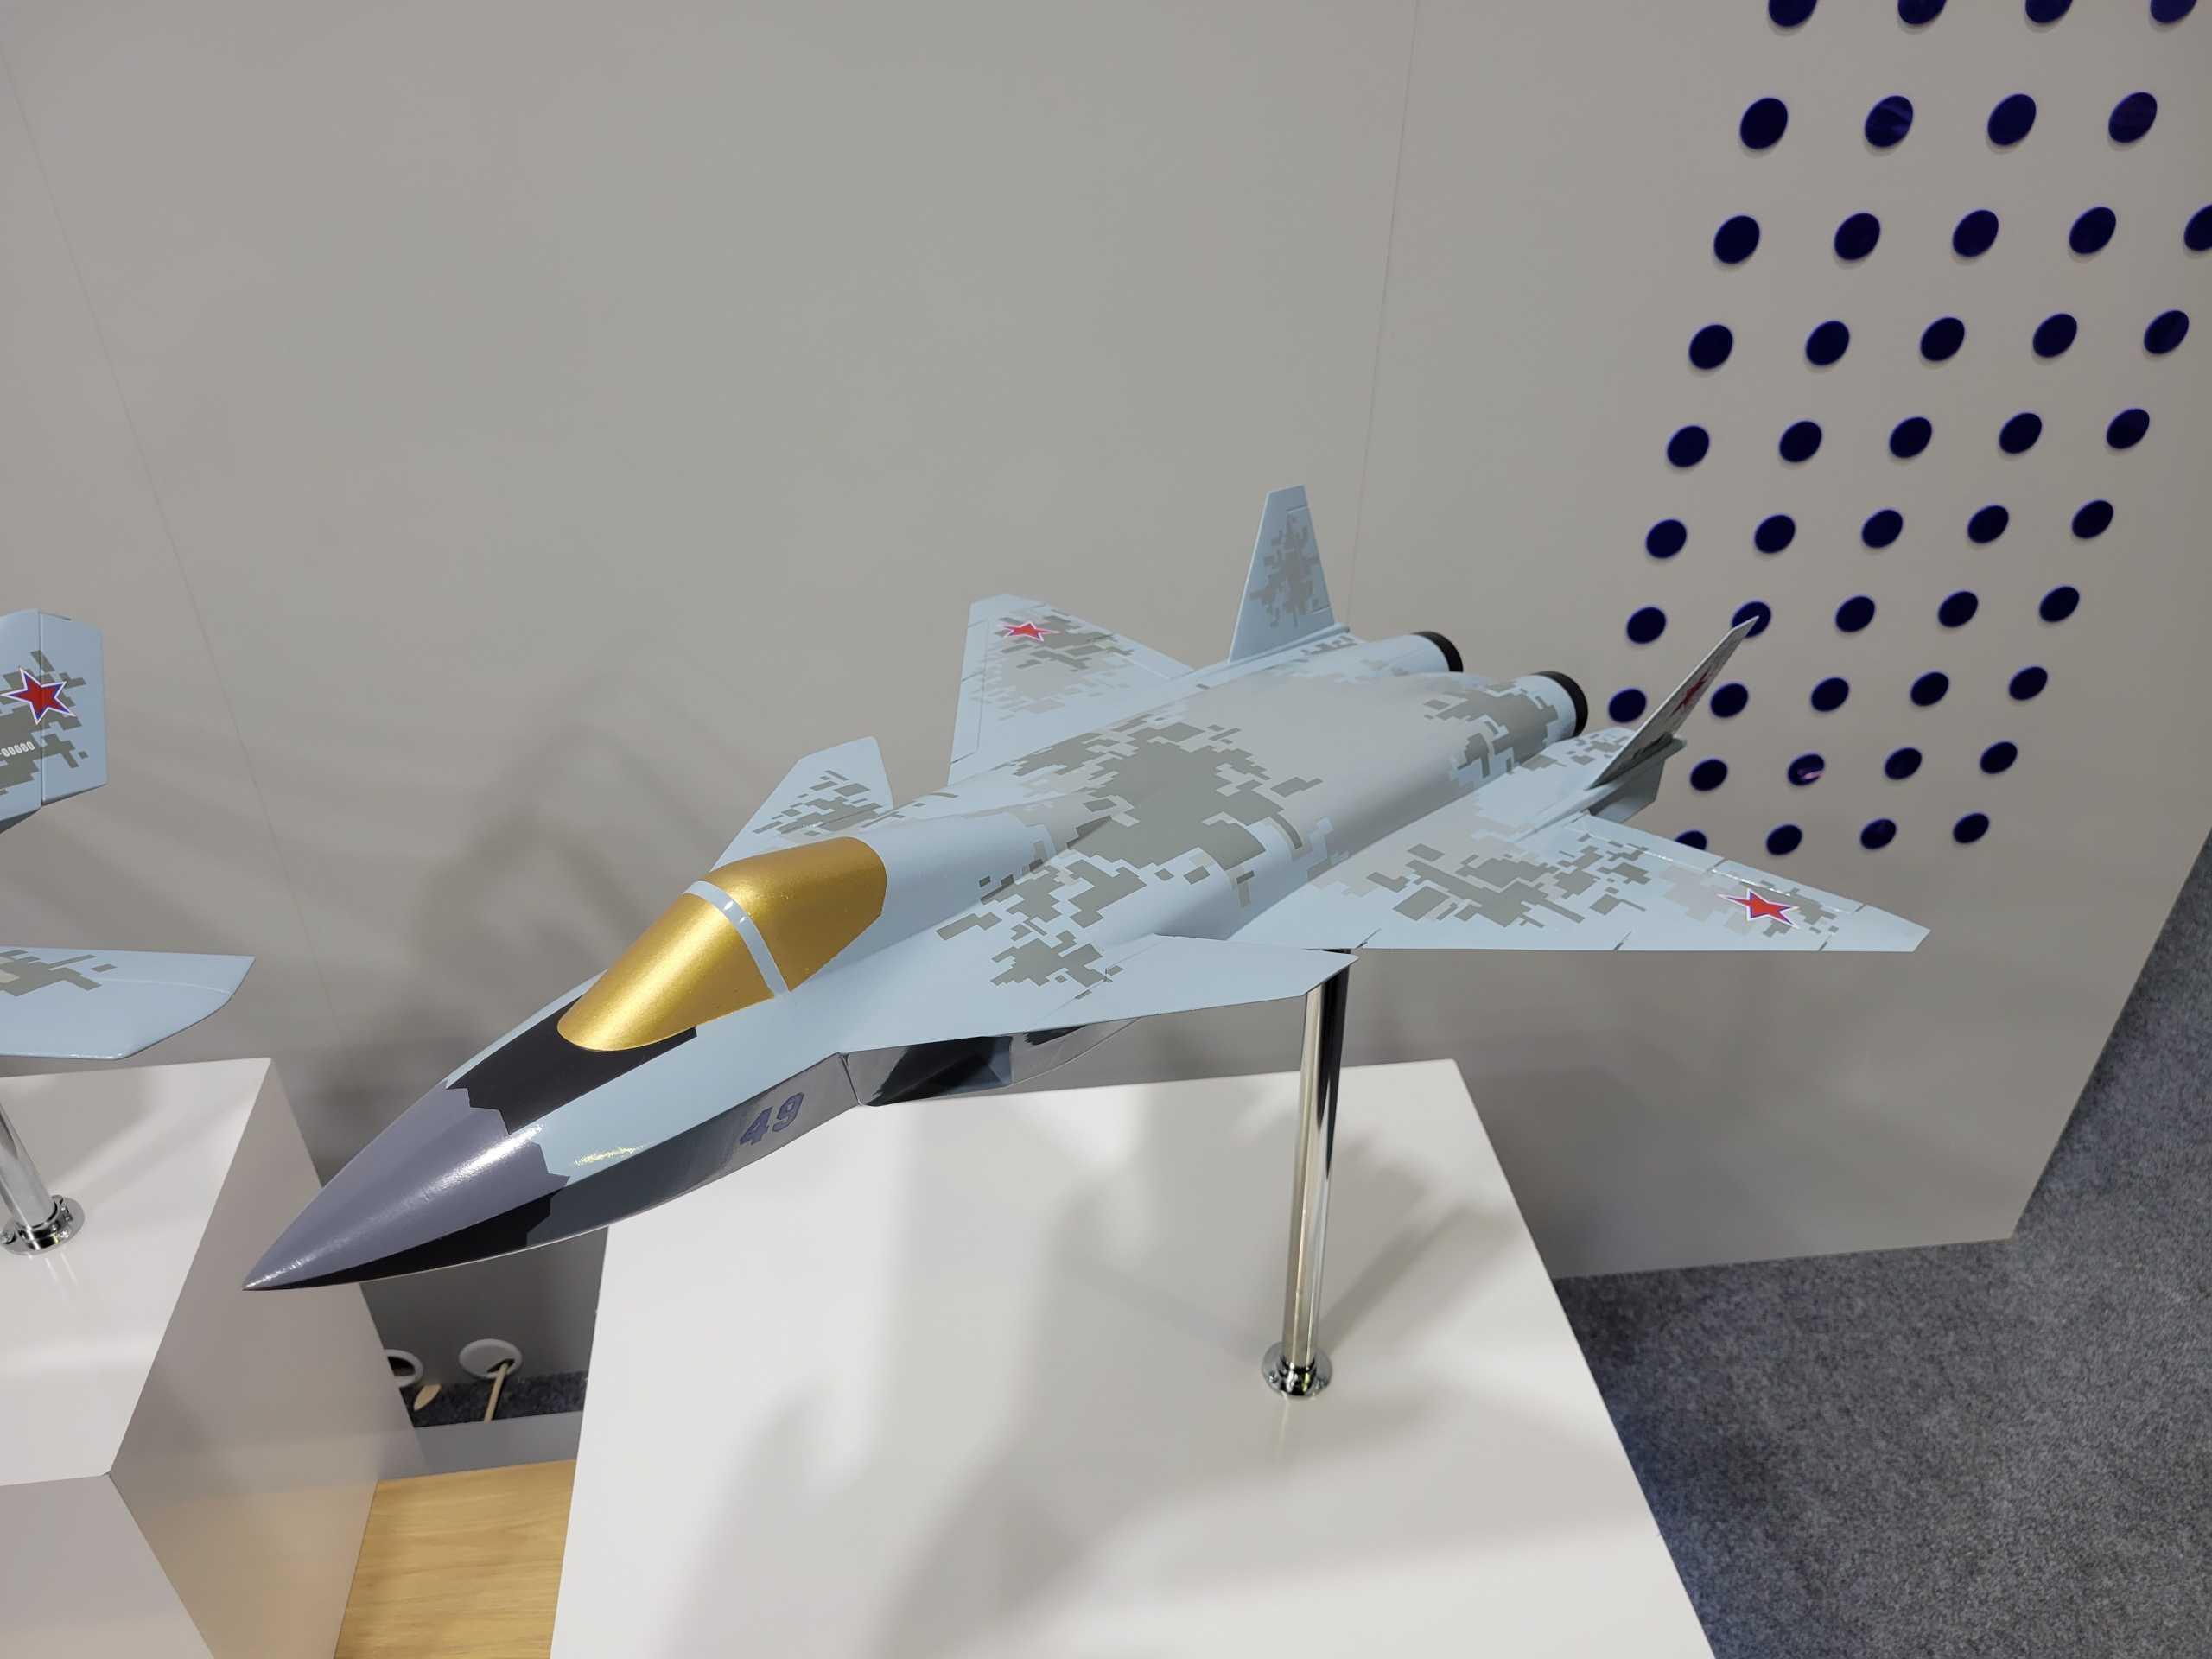 Τα MiG επιστρέφουν: Αυτό είναι το νέο μαχητικό με την τεράστια και θρυλική κληρονομιά